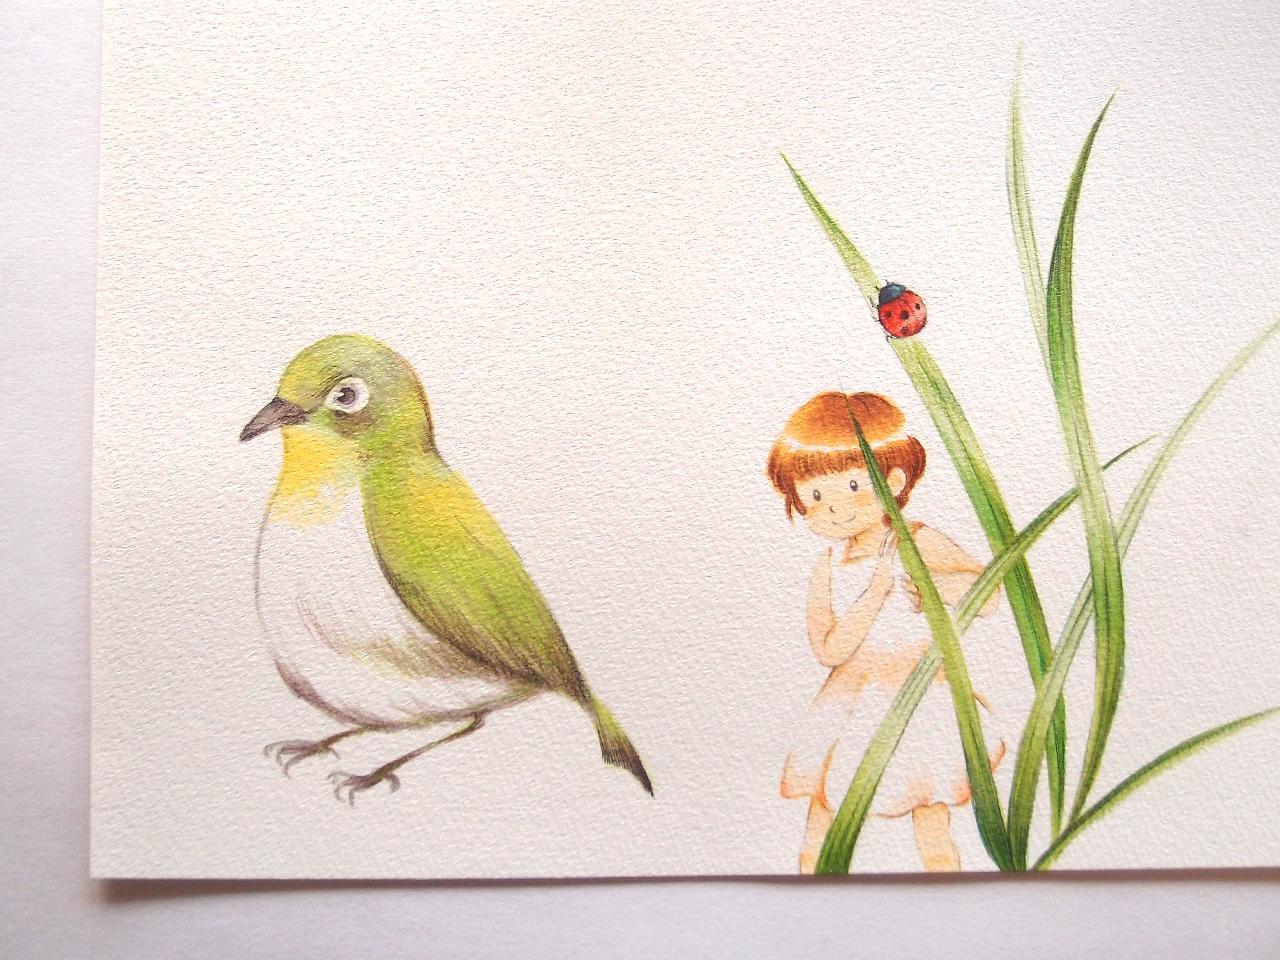 小鳥と女の子とてんとう虫